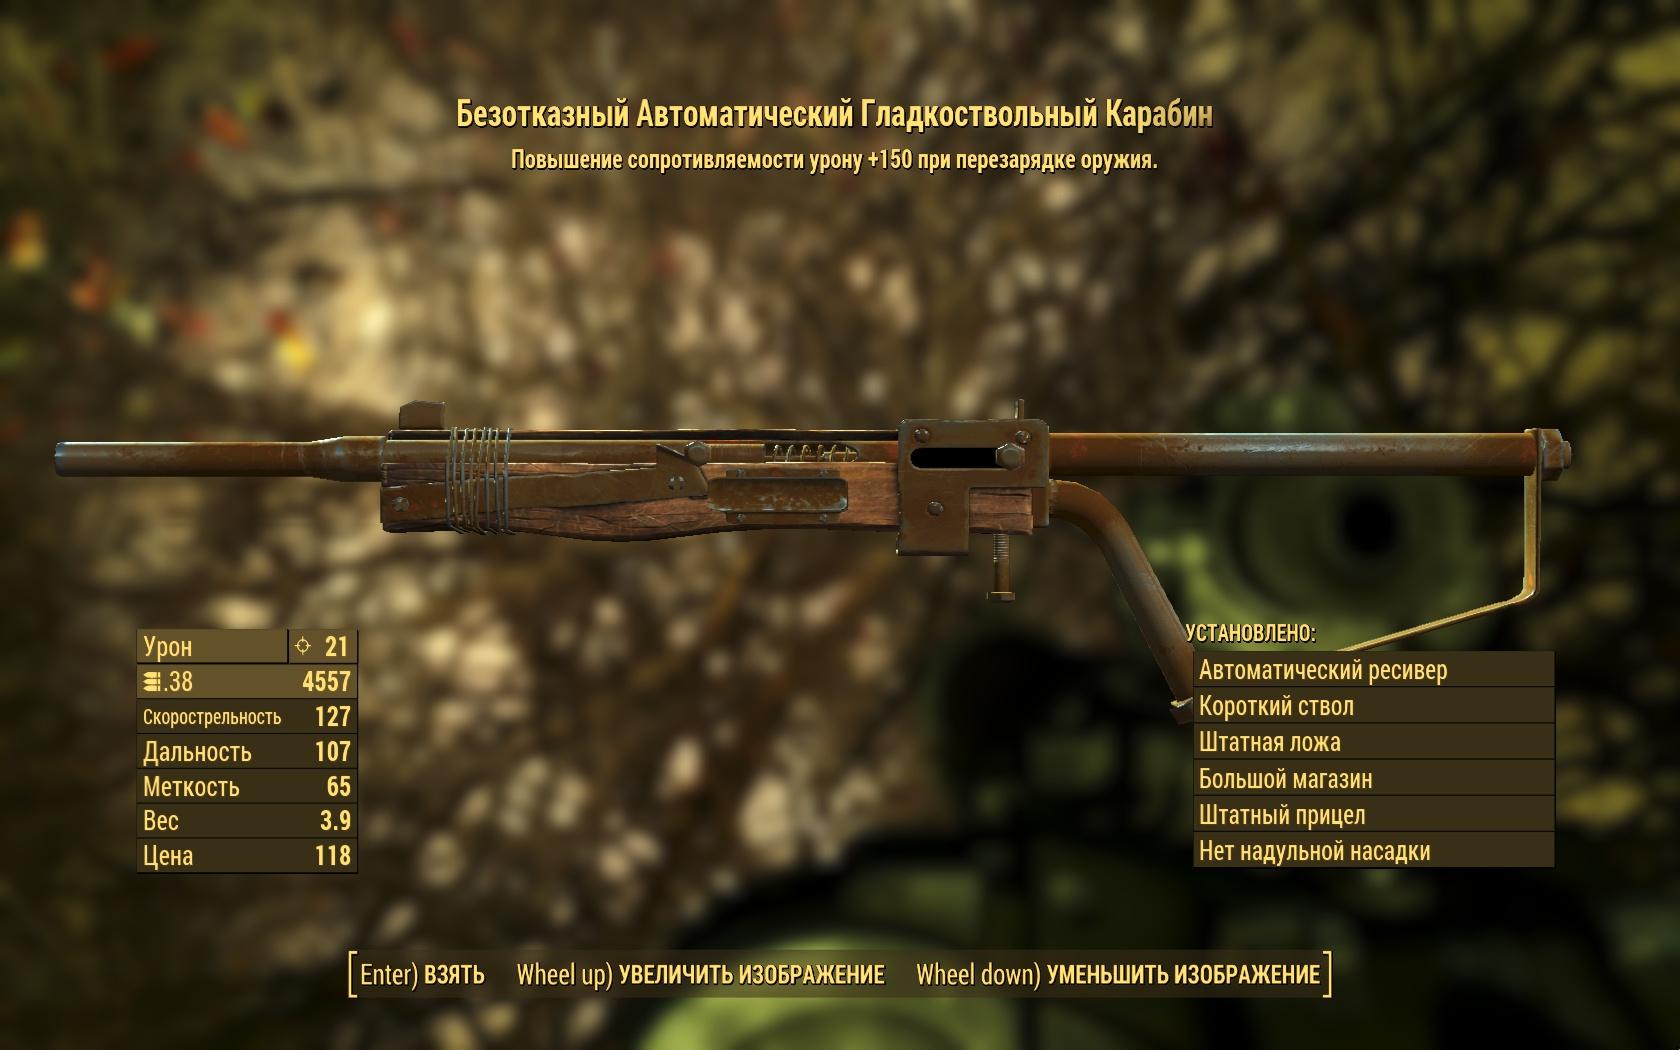 карабин - Fallout 4 автоматический, Безотказный, гладкоствольный, Оружие